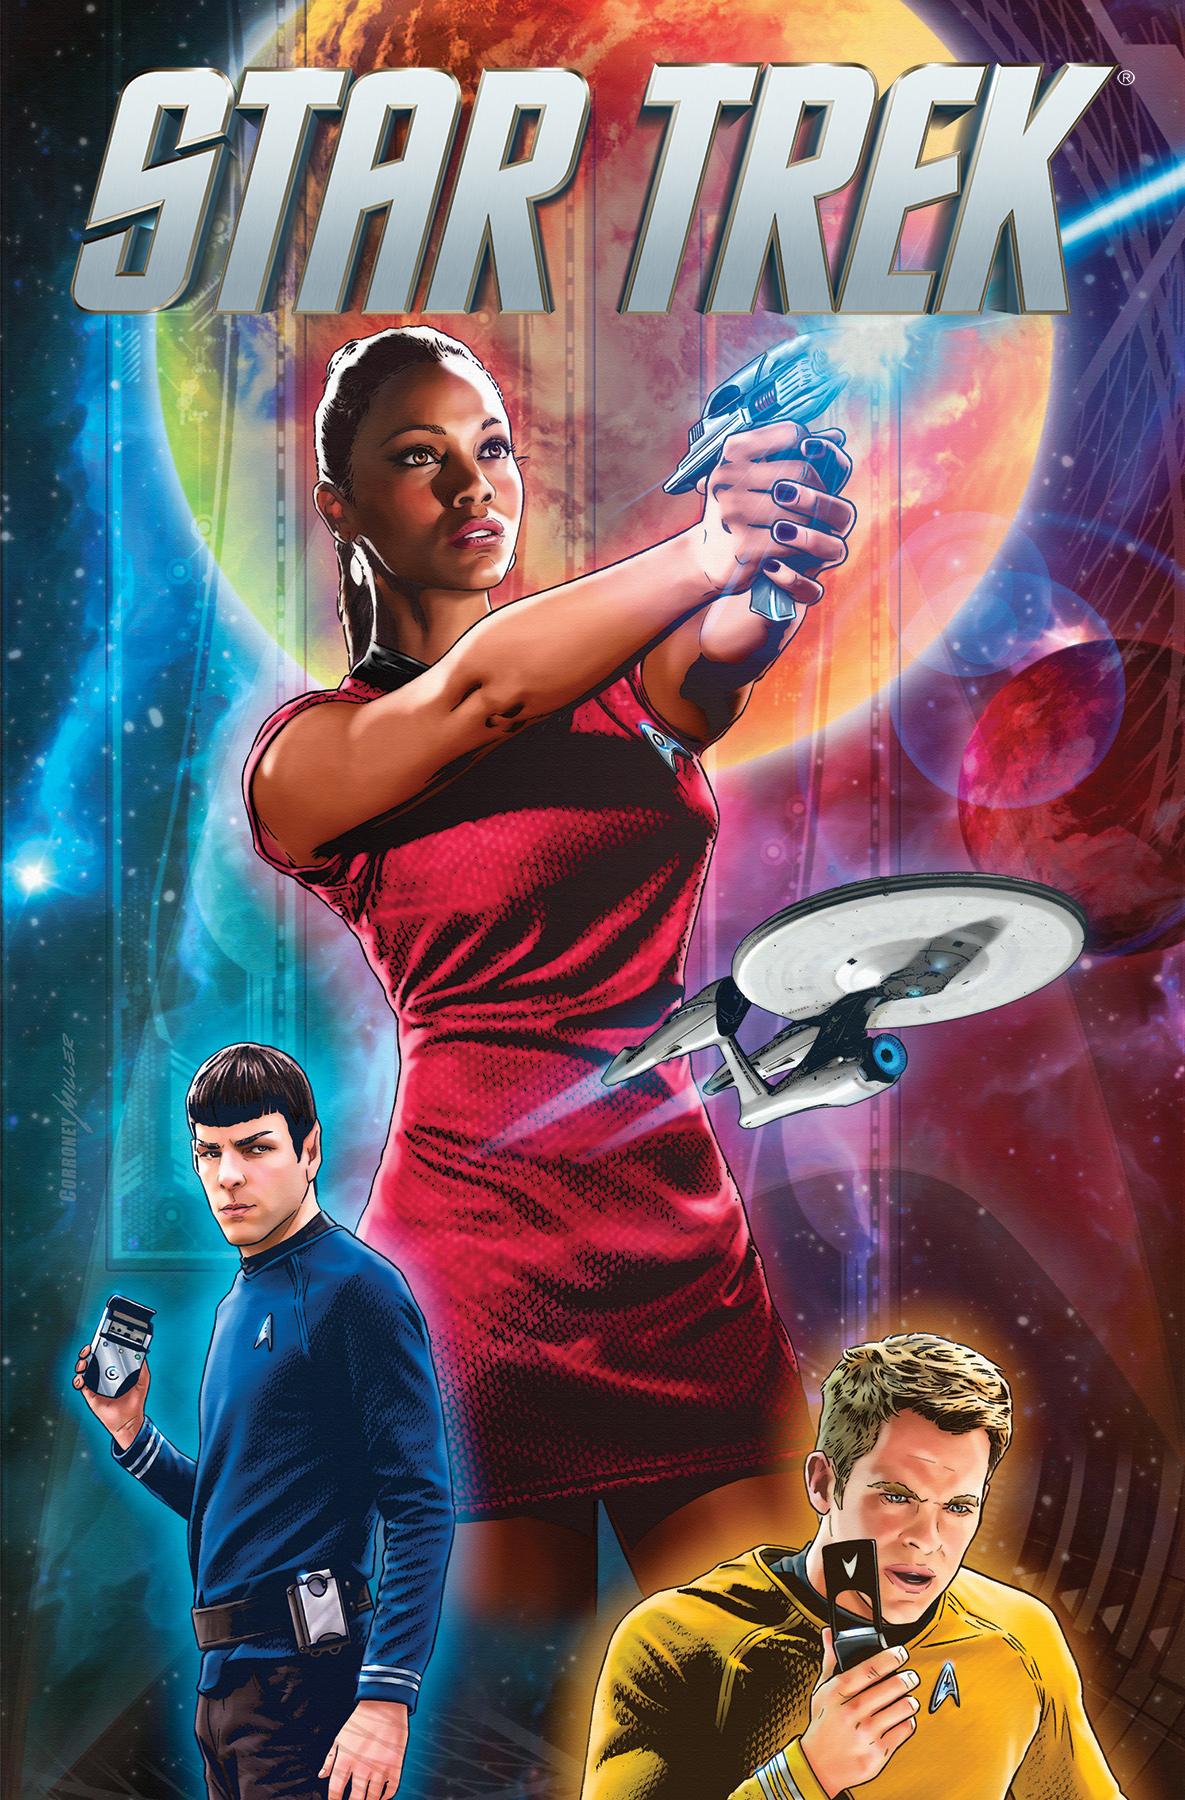 Der Neue Star Trek